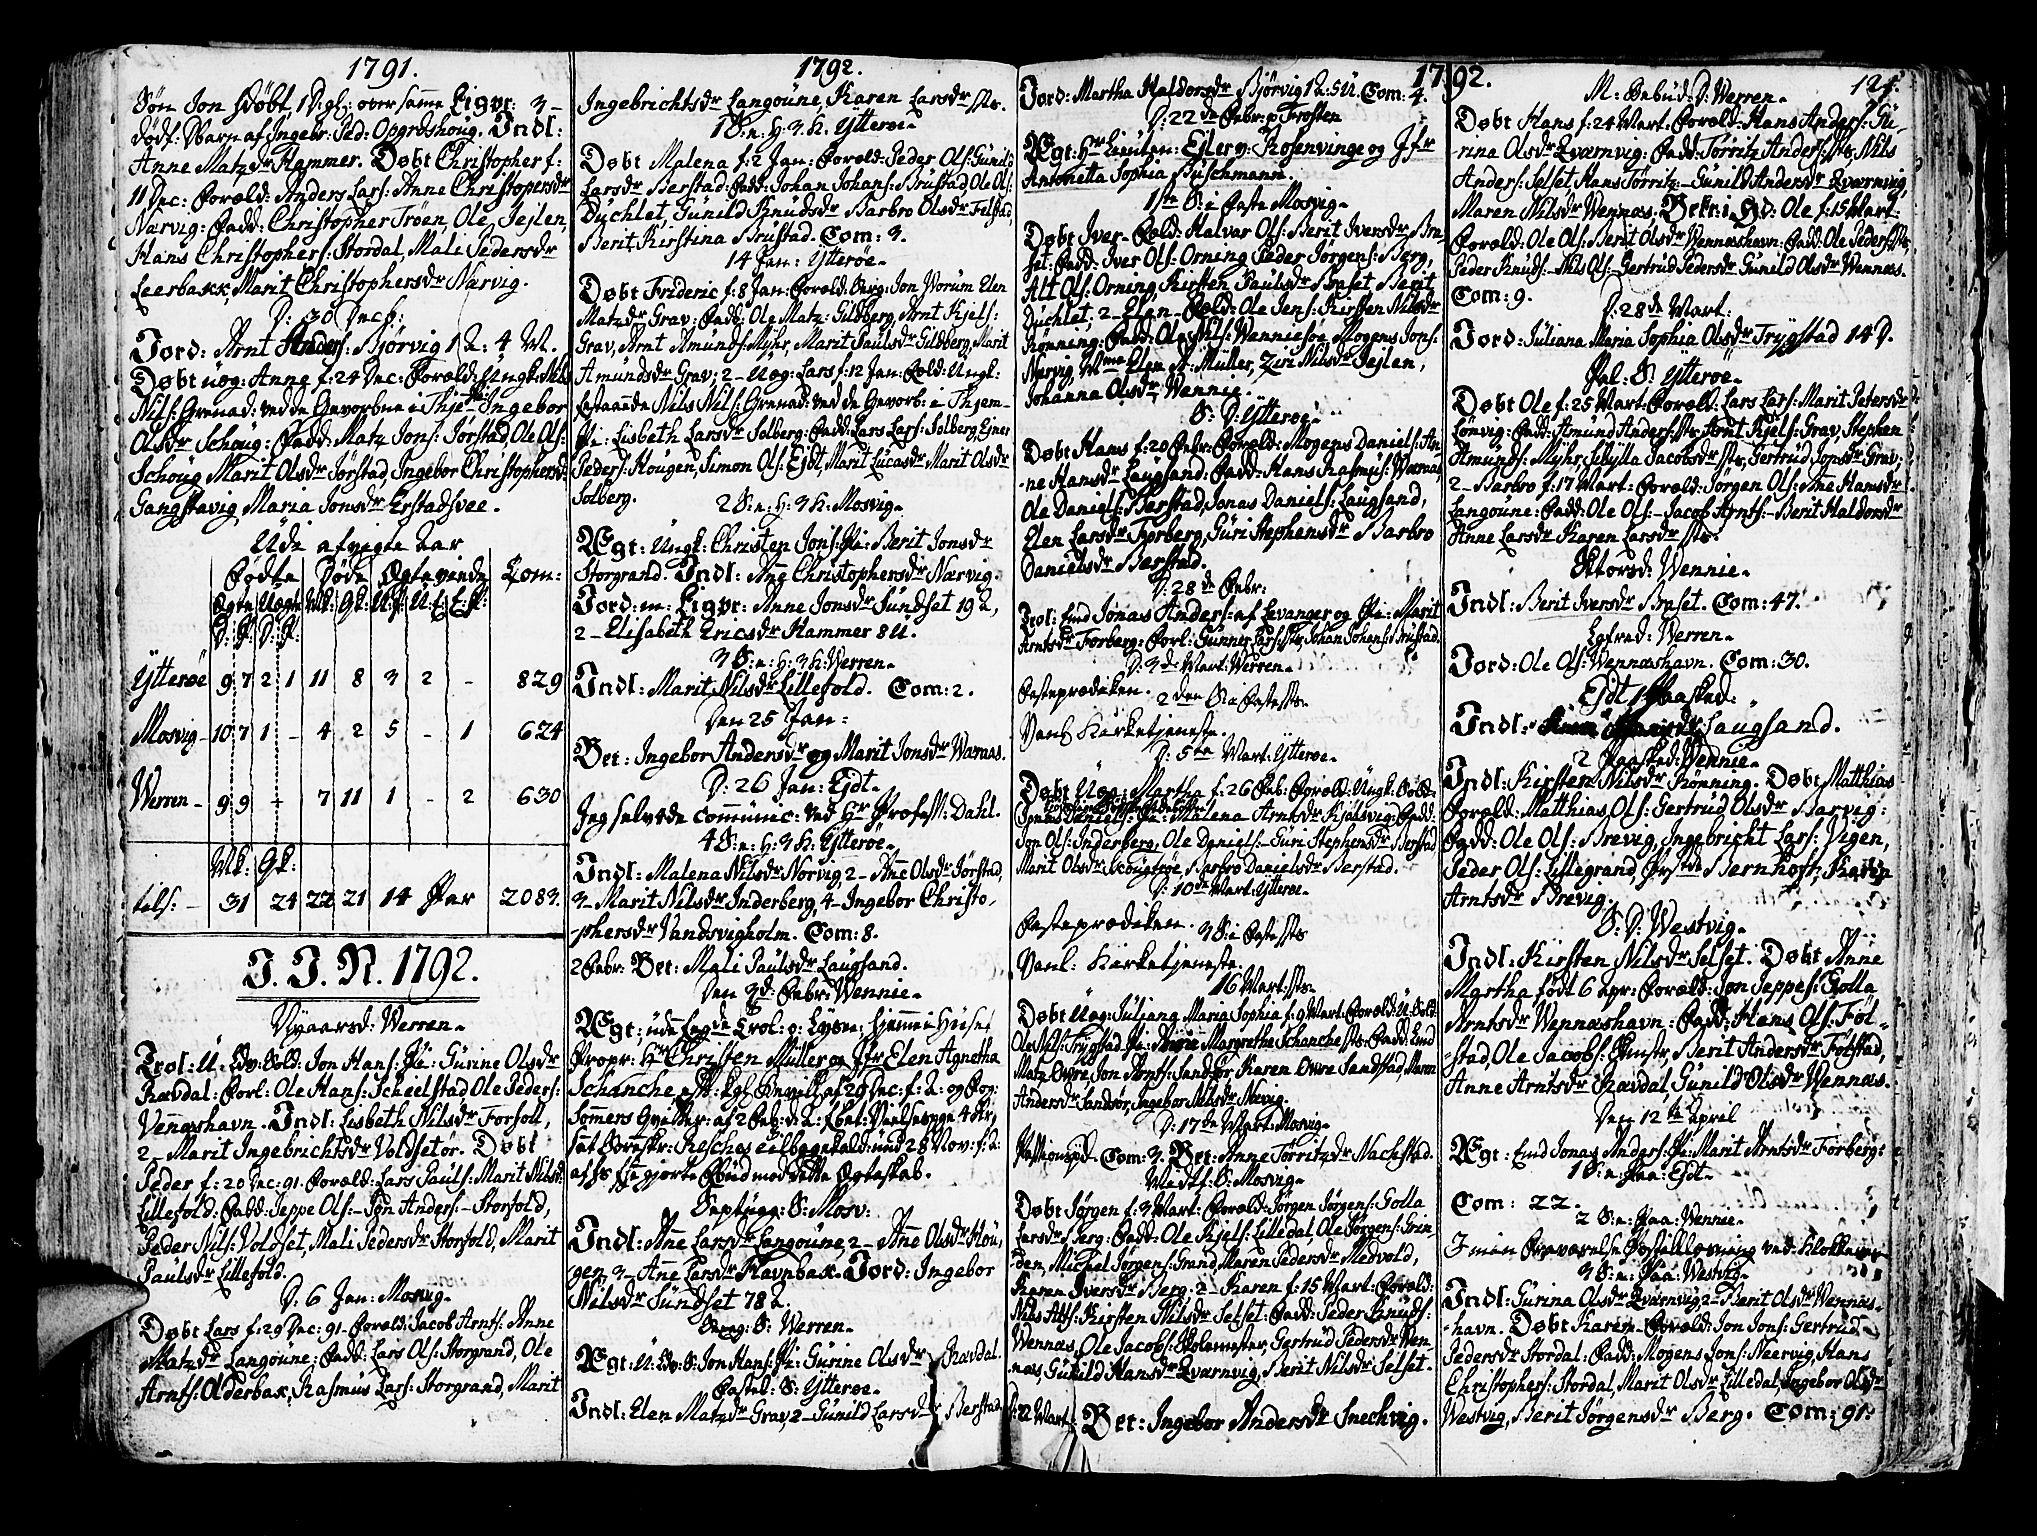 SAT, Ministerialprotokoller, klokkerbøker og fødselsregistre - Nord-Trøndelag, 722/L0216: Ministerialbok nr. 722A03, 1756-1816, s. 121